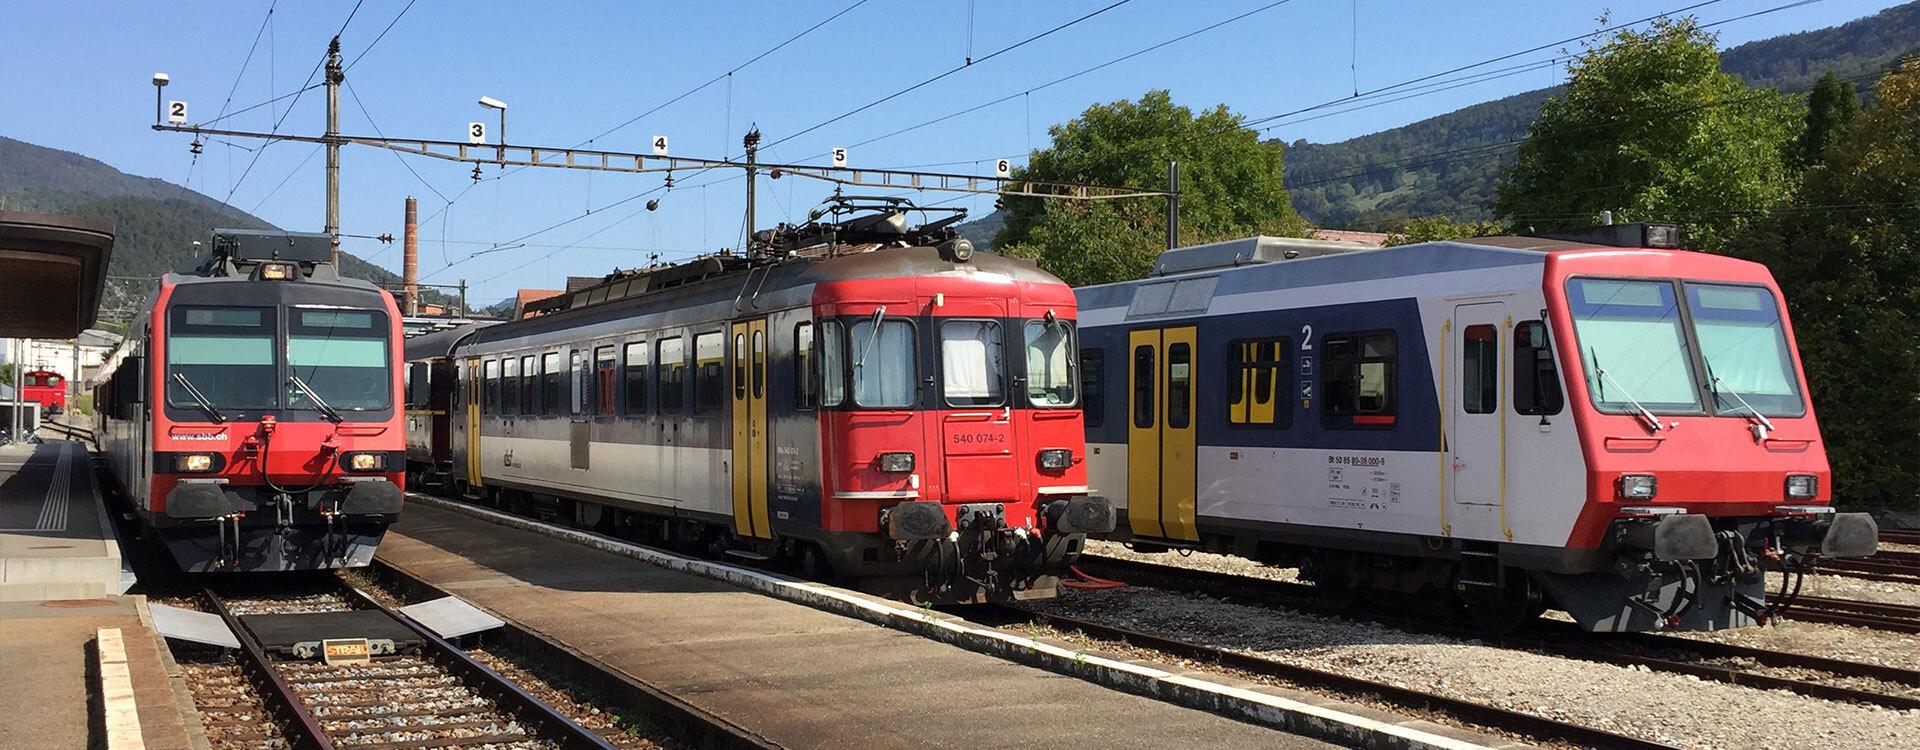 Reisen mit Gepäck - Oensingen-Balsthal-Bahn AG